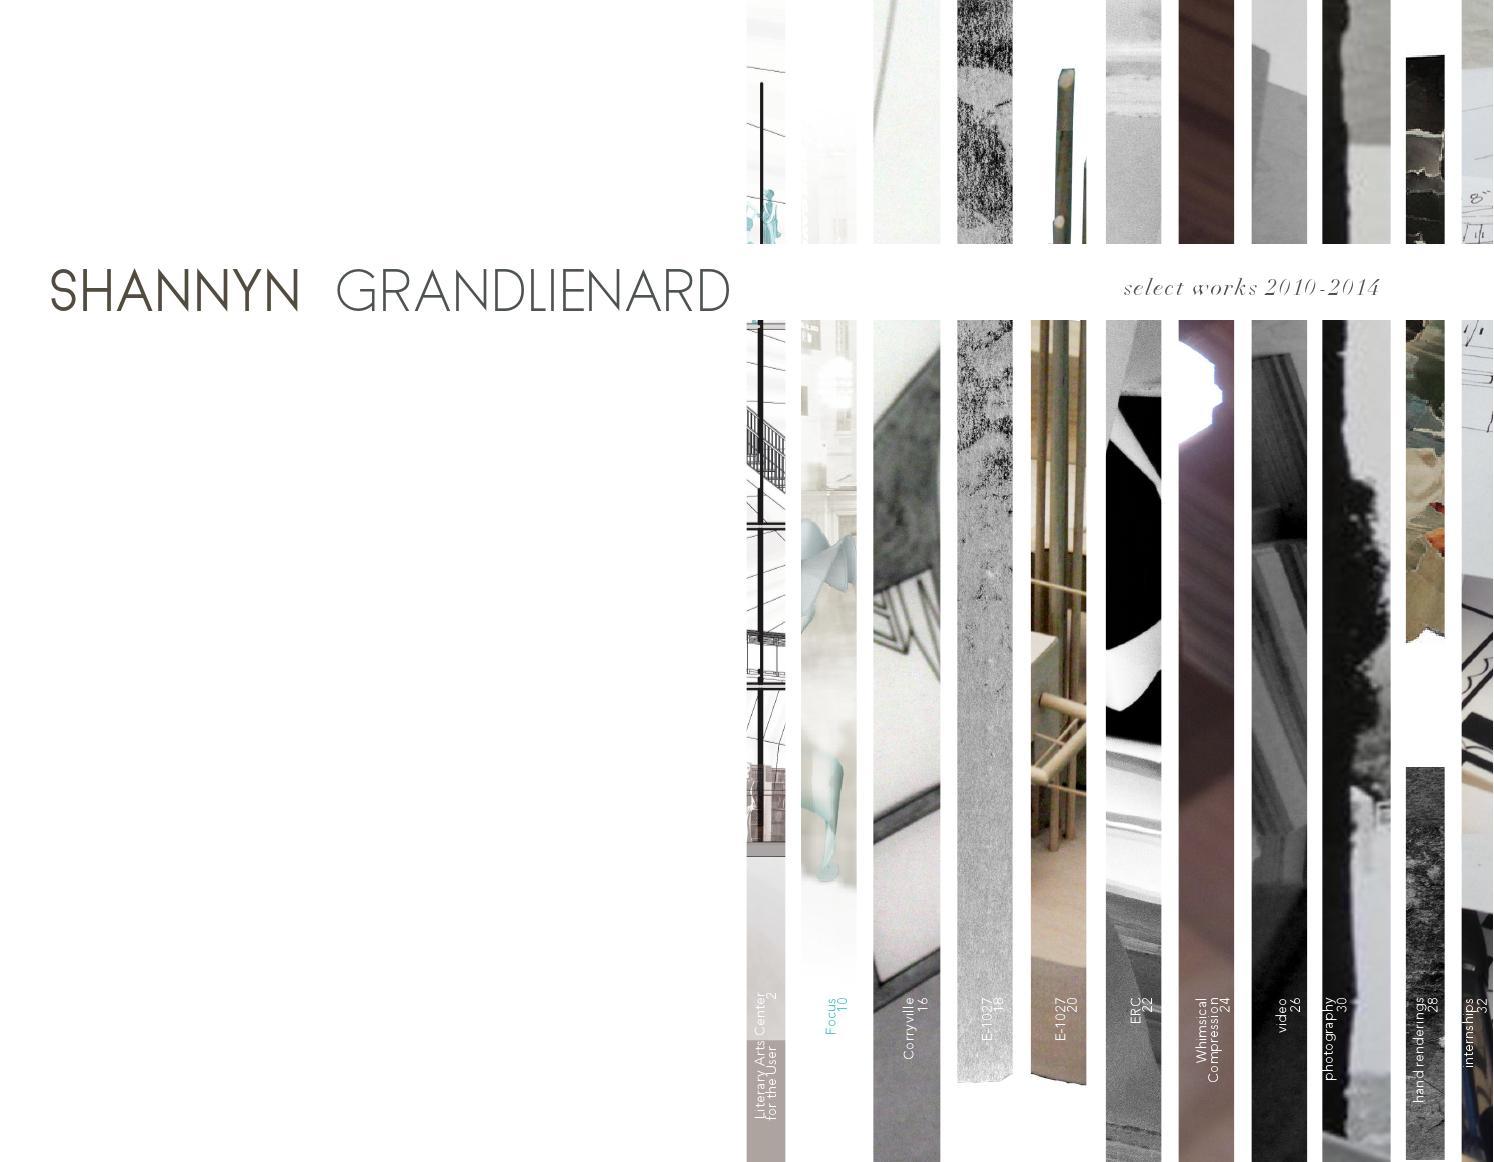 shannyn grandlienard interior design portfolio by shannyn